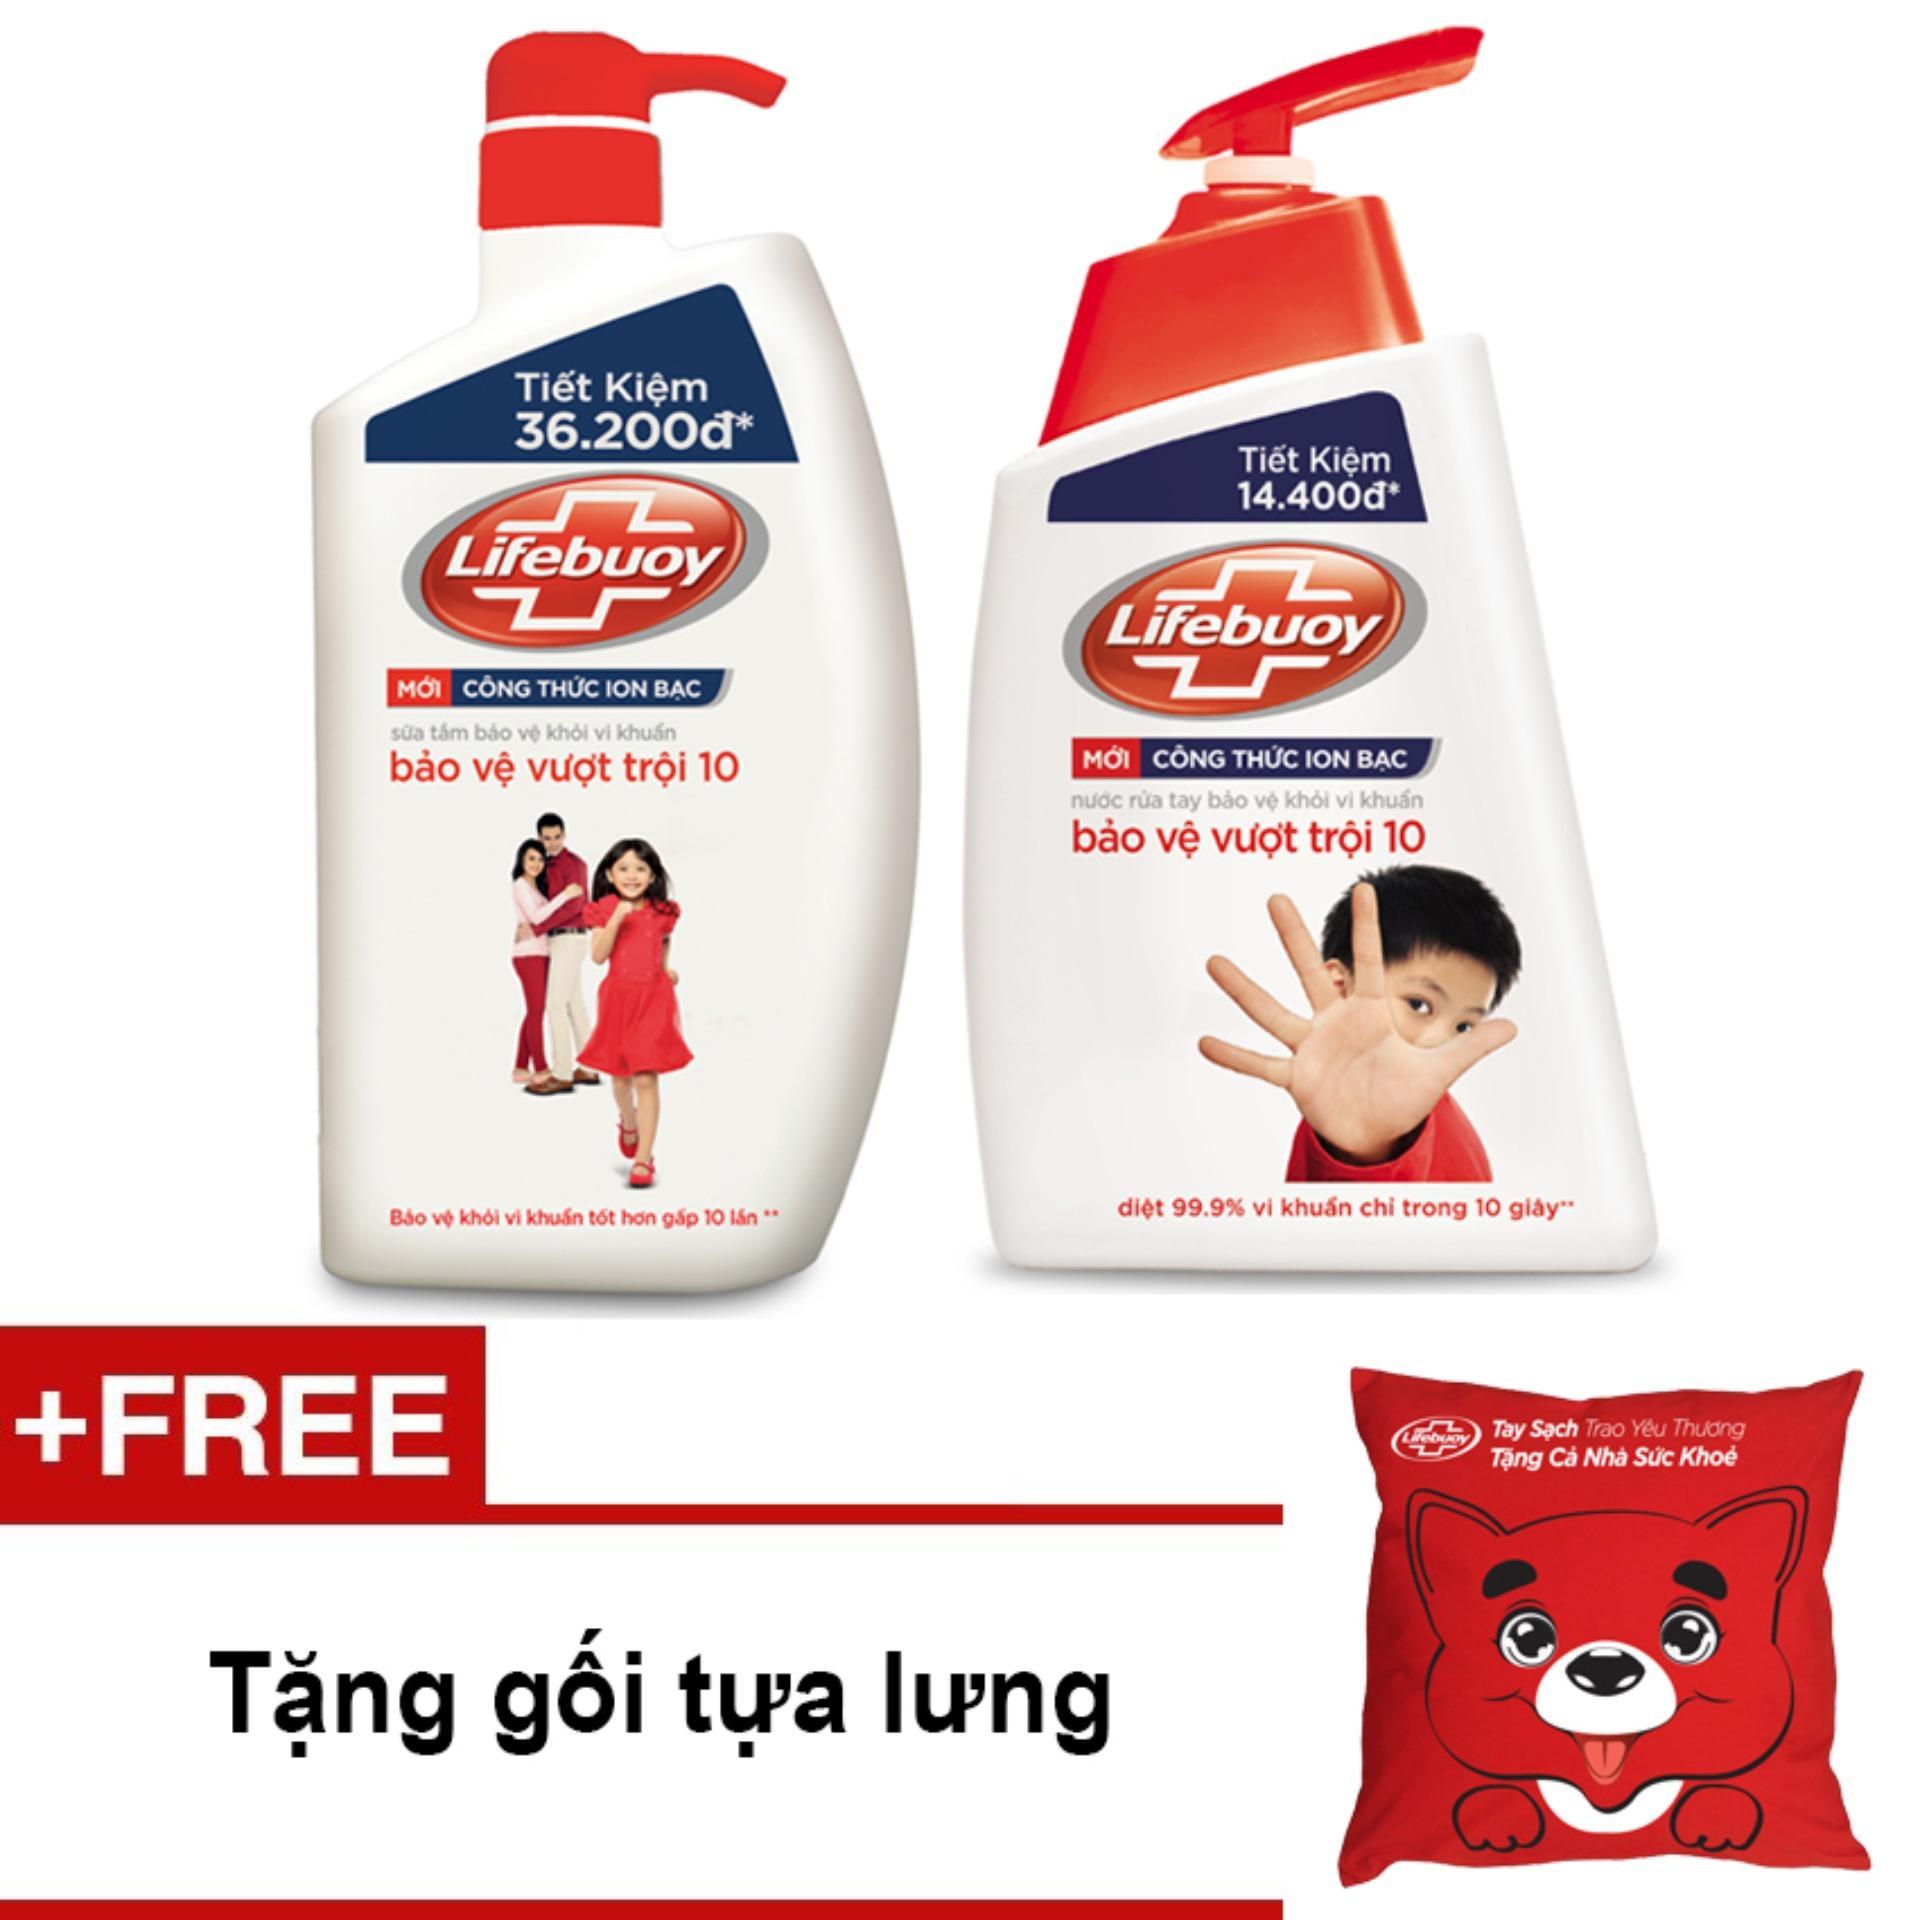 Bộ Lifebuoy bảo vệ vượt trội gồm sữa tắm chai 850g và nước rửa tay 500g + Tặng 01 gối tựa lưng